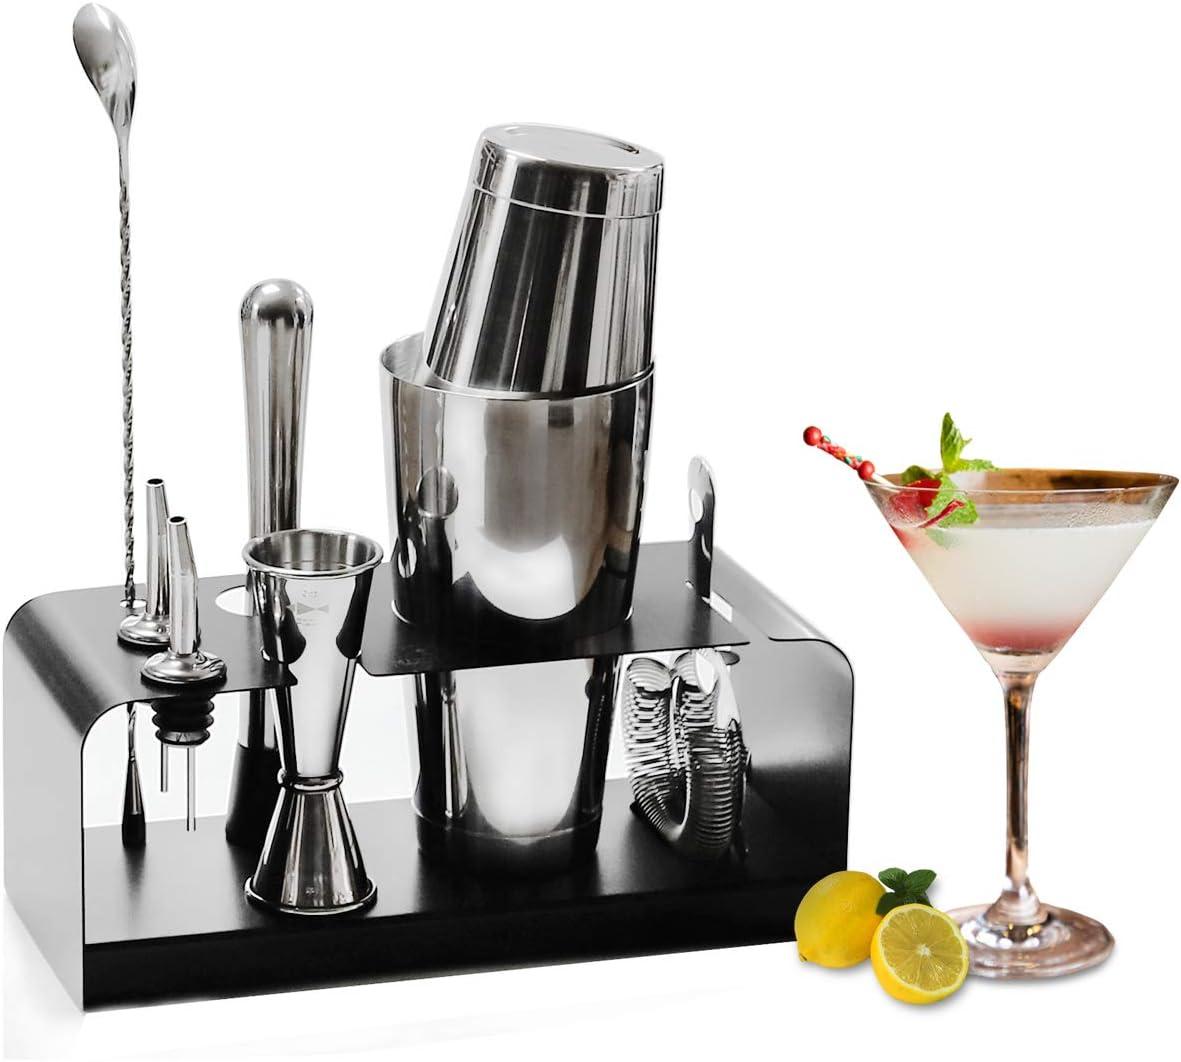 Juego de coctelera SKY FISH: Utensilios para cócteles de 8 piezas con soporte de acero inoxidable - Kit de barman perfecto para el hogar y juego para hacer cócteles.